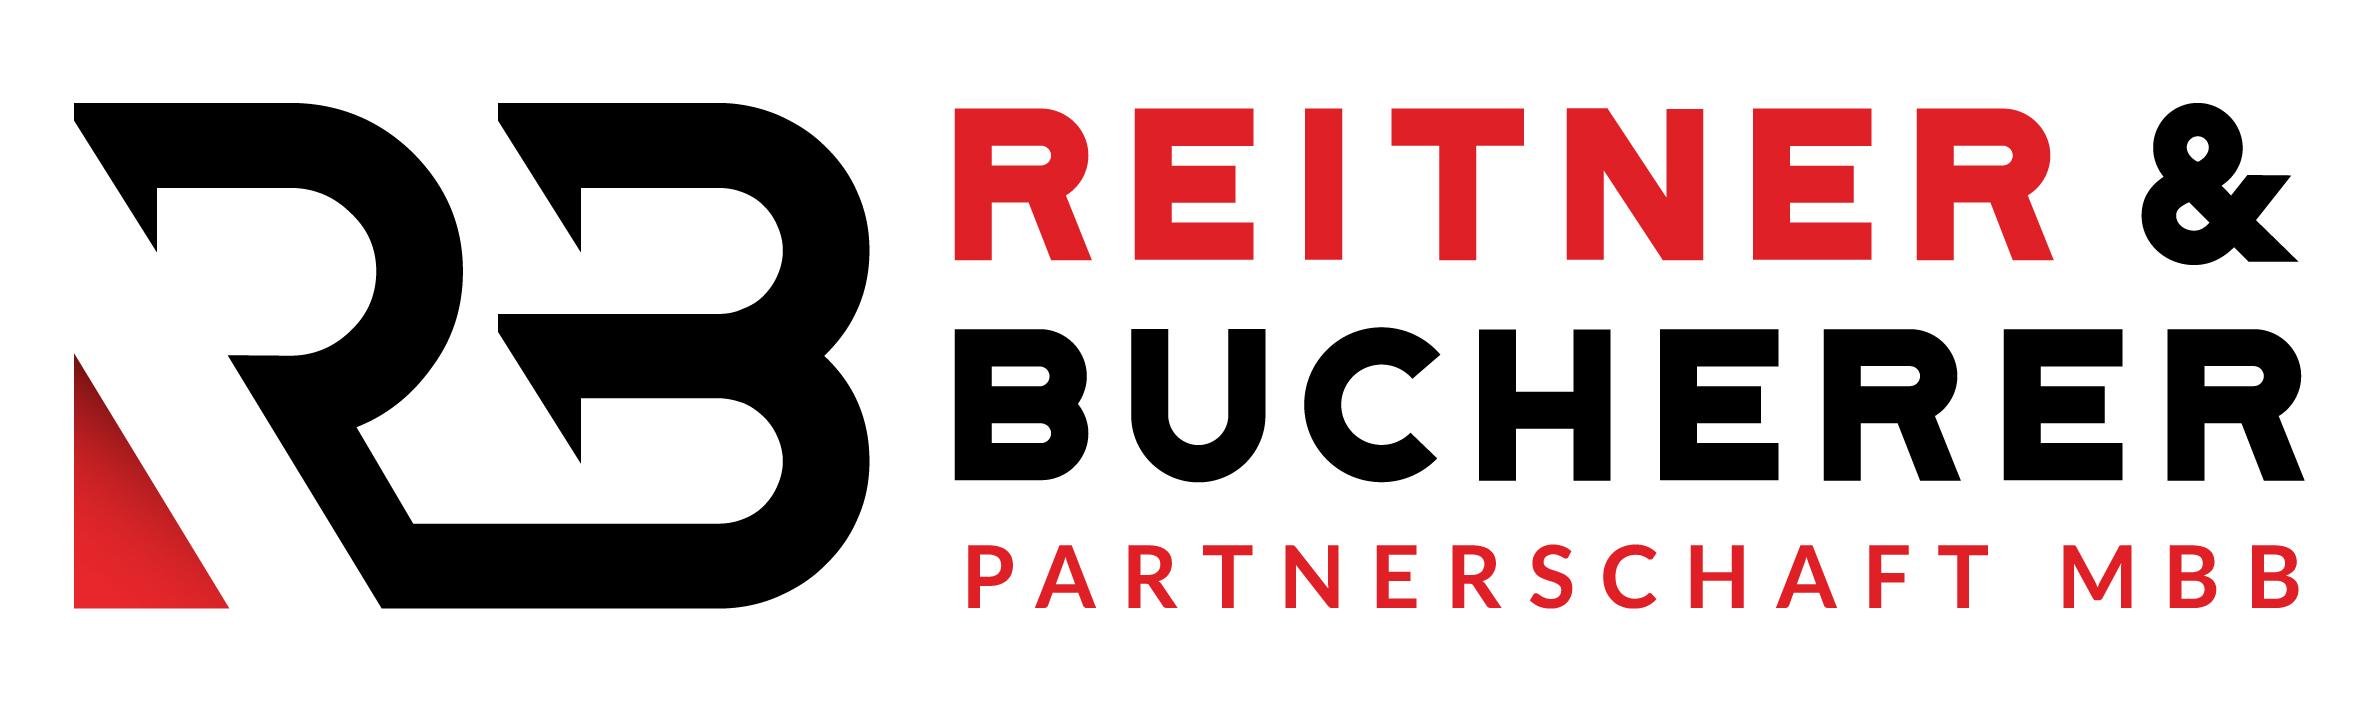 Reitner & Bucherer Partnerschaft mbB